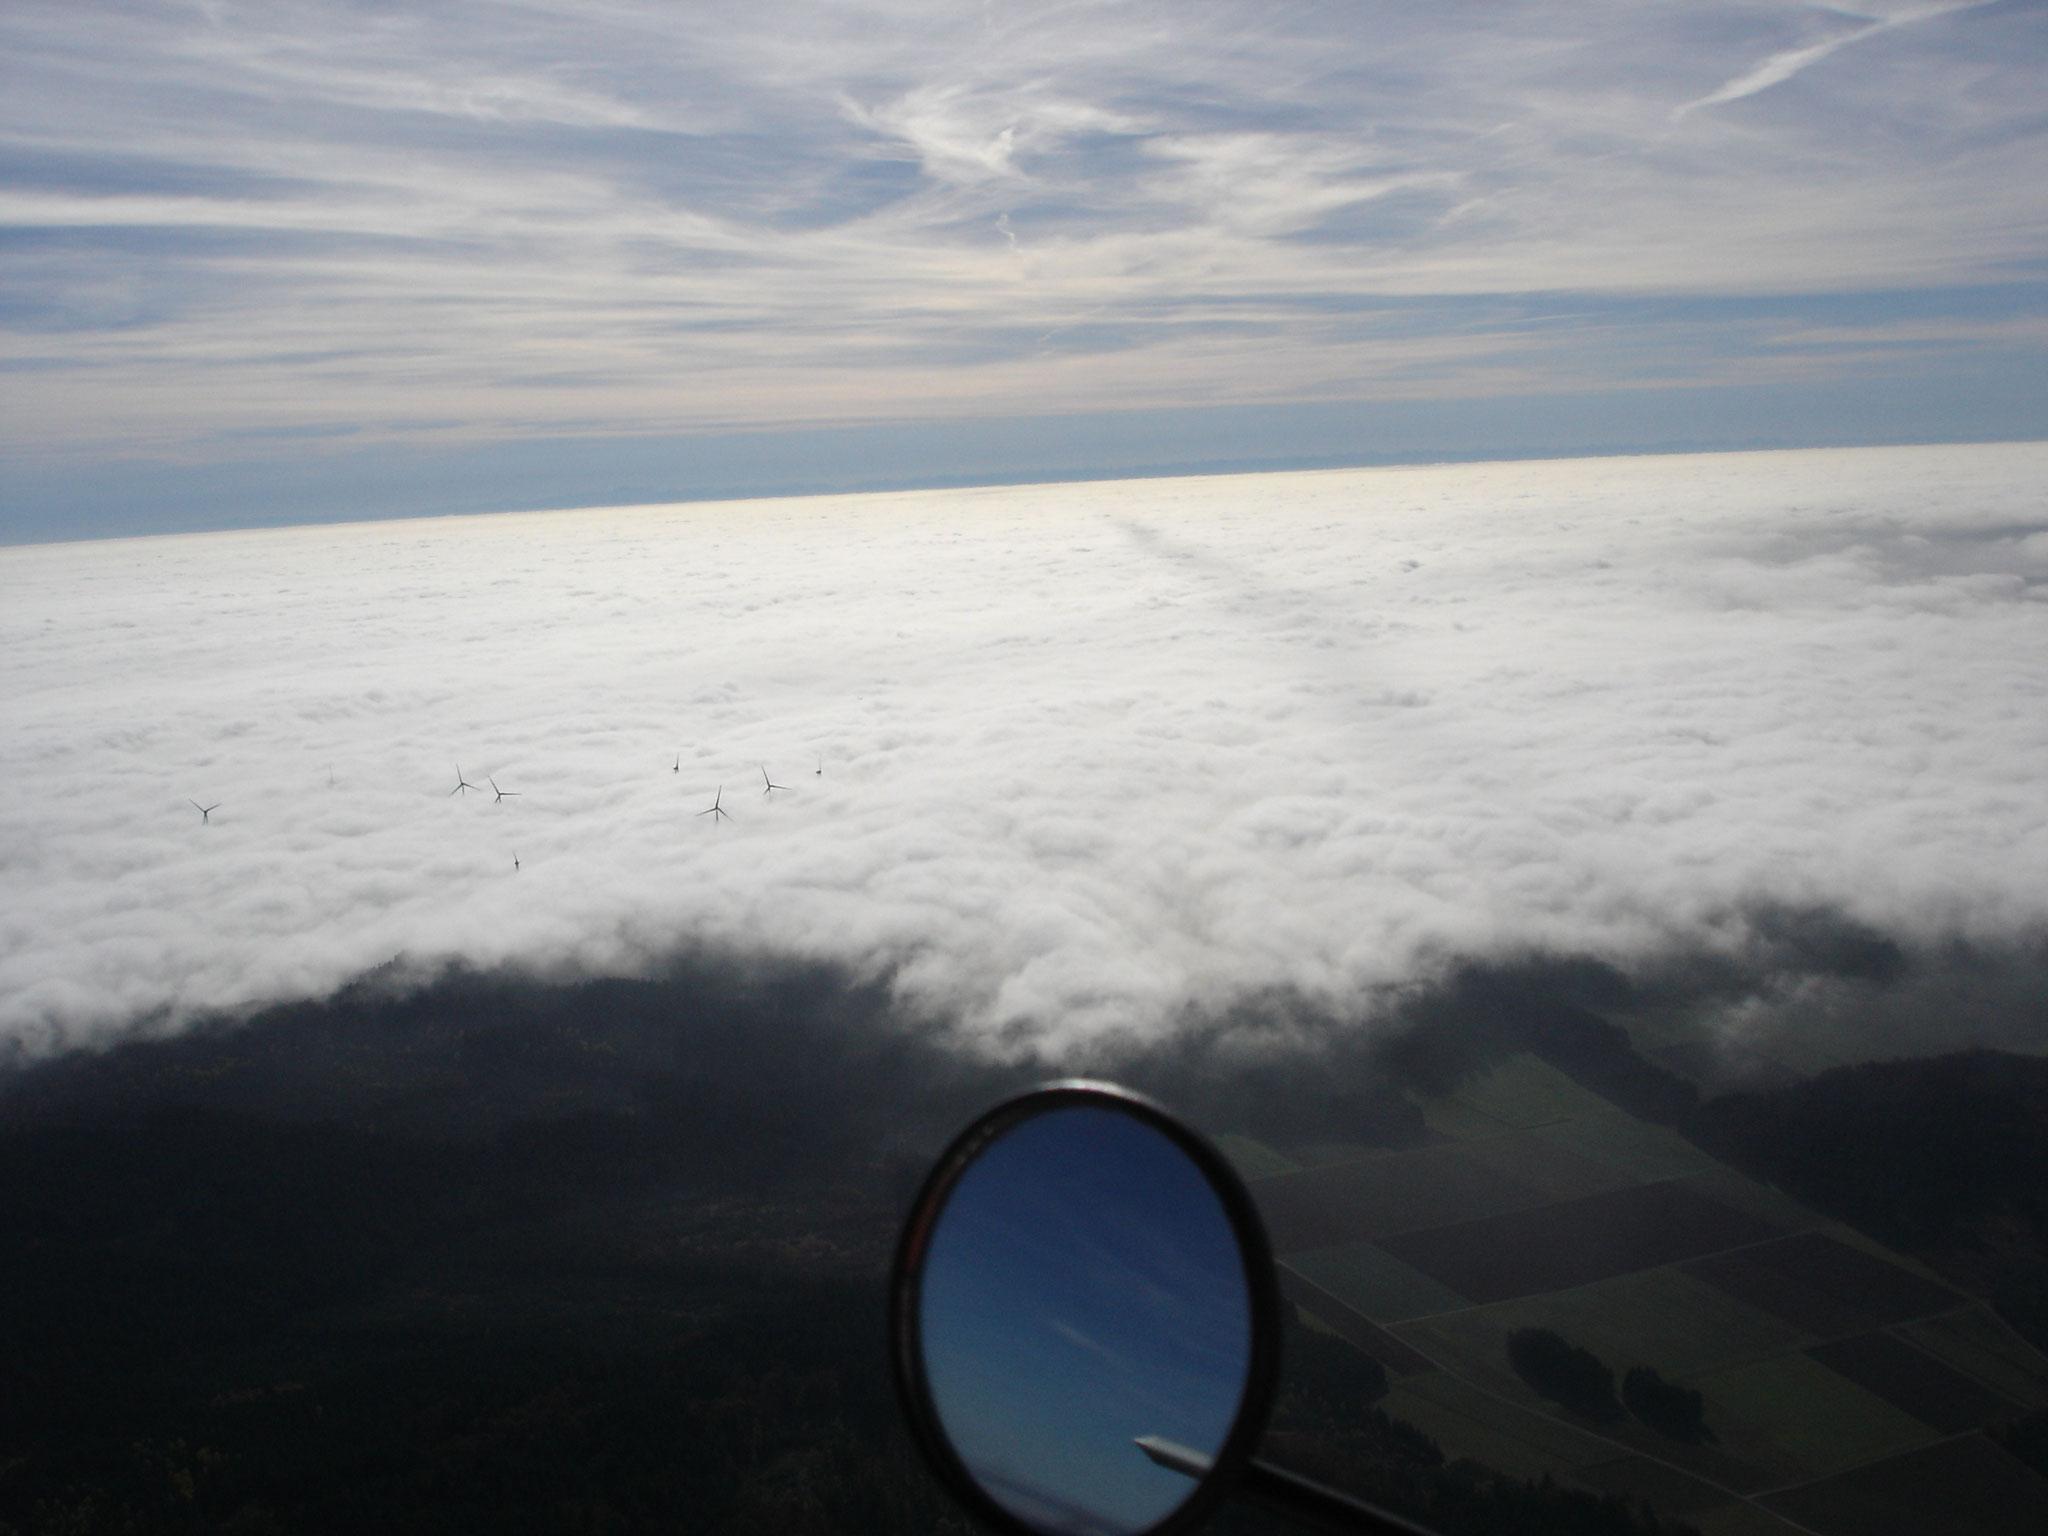 Windkraftrotoren über der Wolkendecke